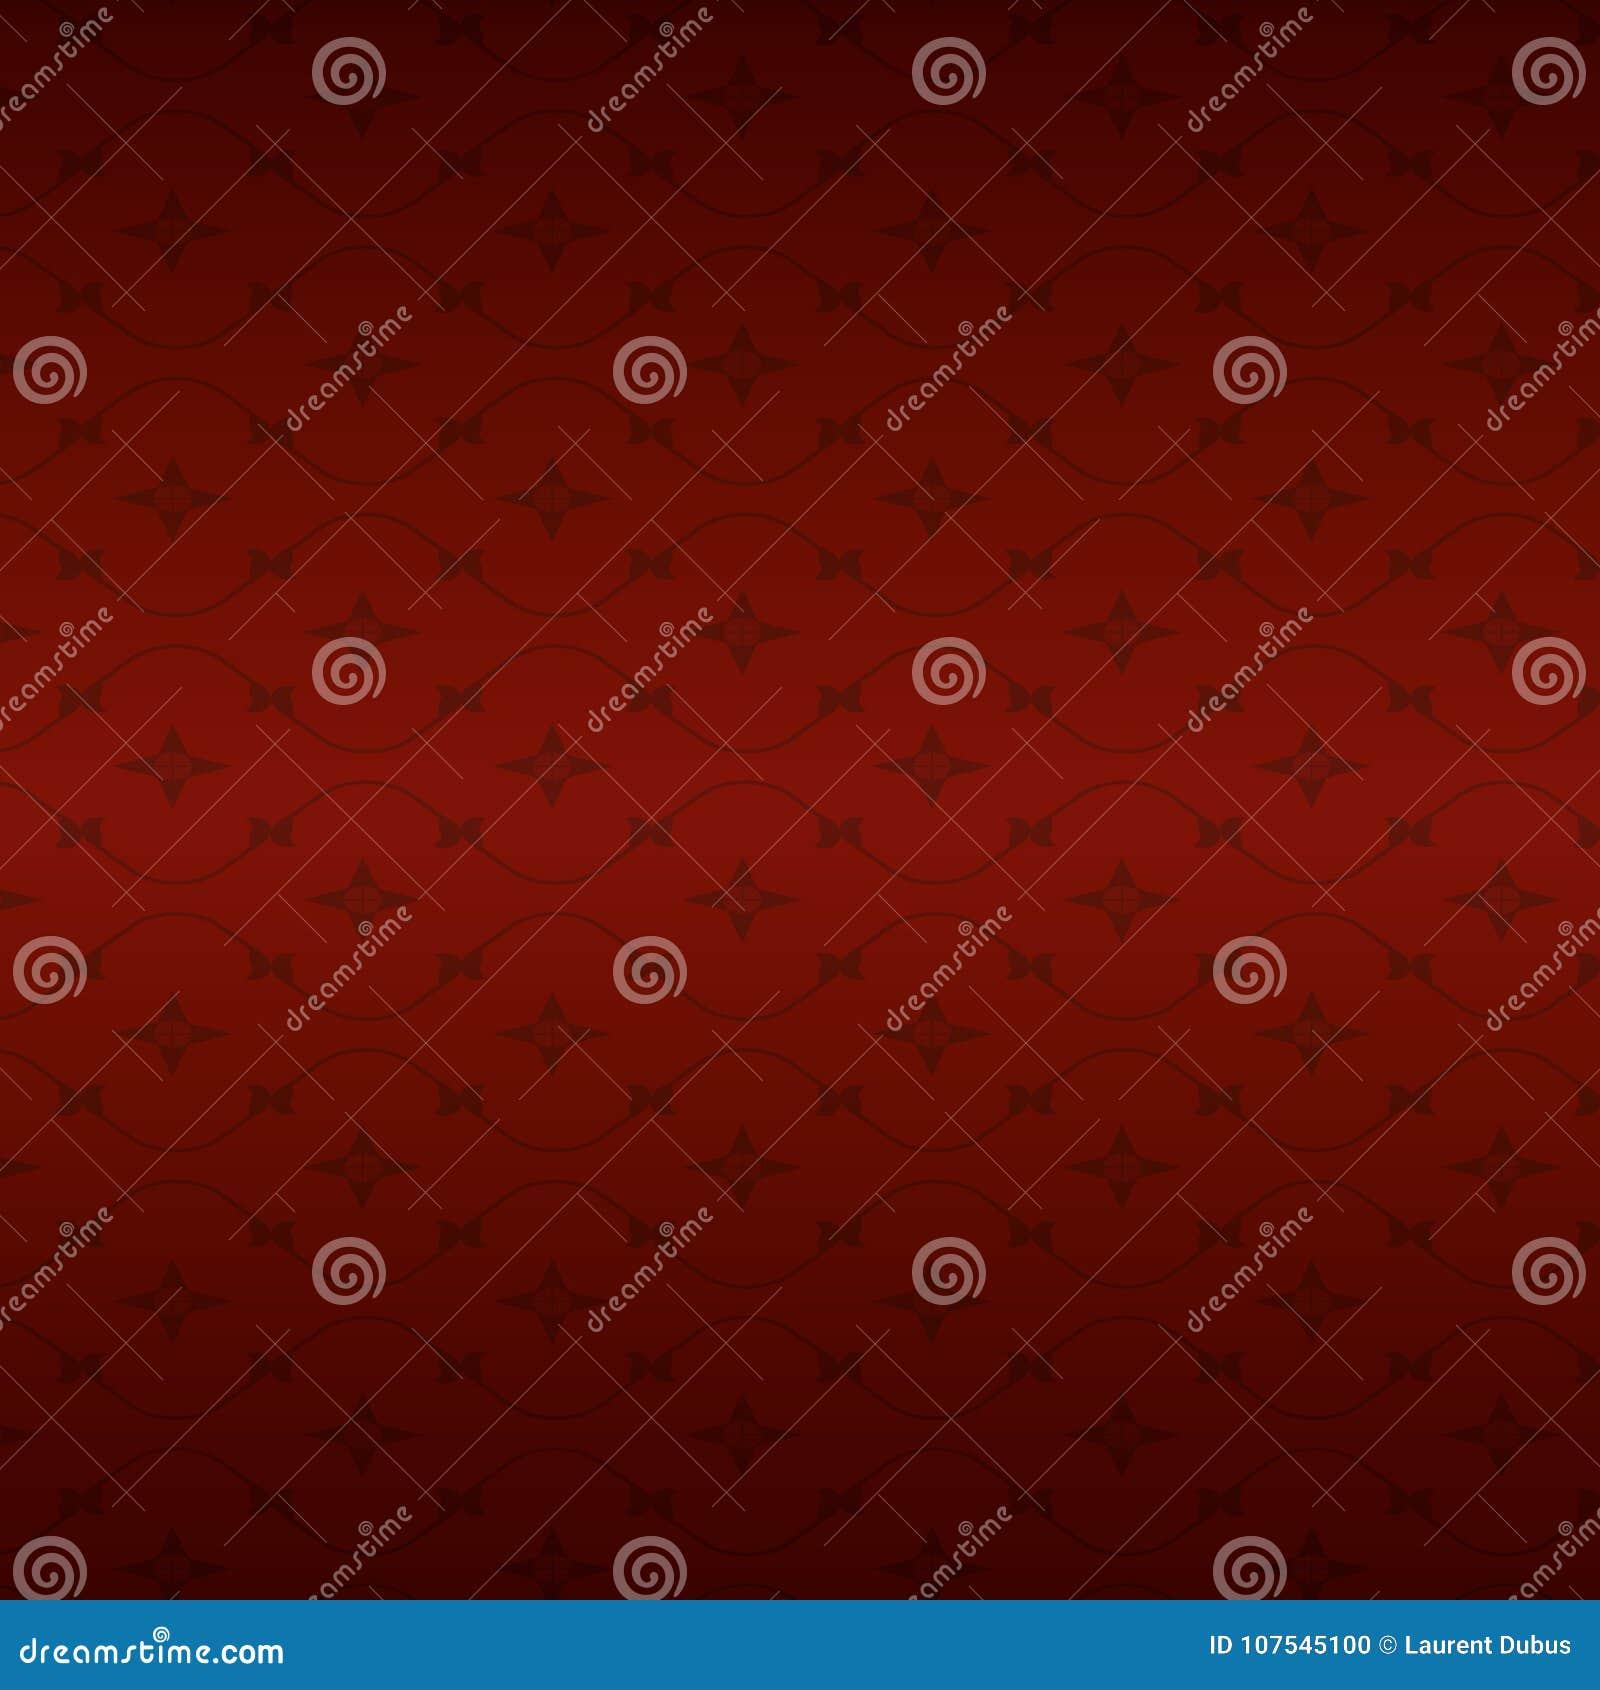 Bakgrundsmörker - som är rött med ett subtilt ljus